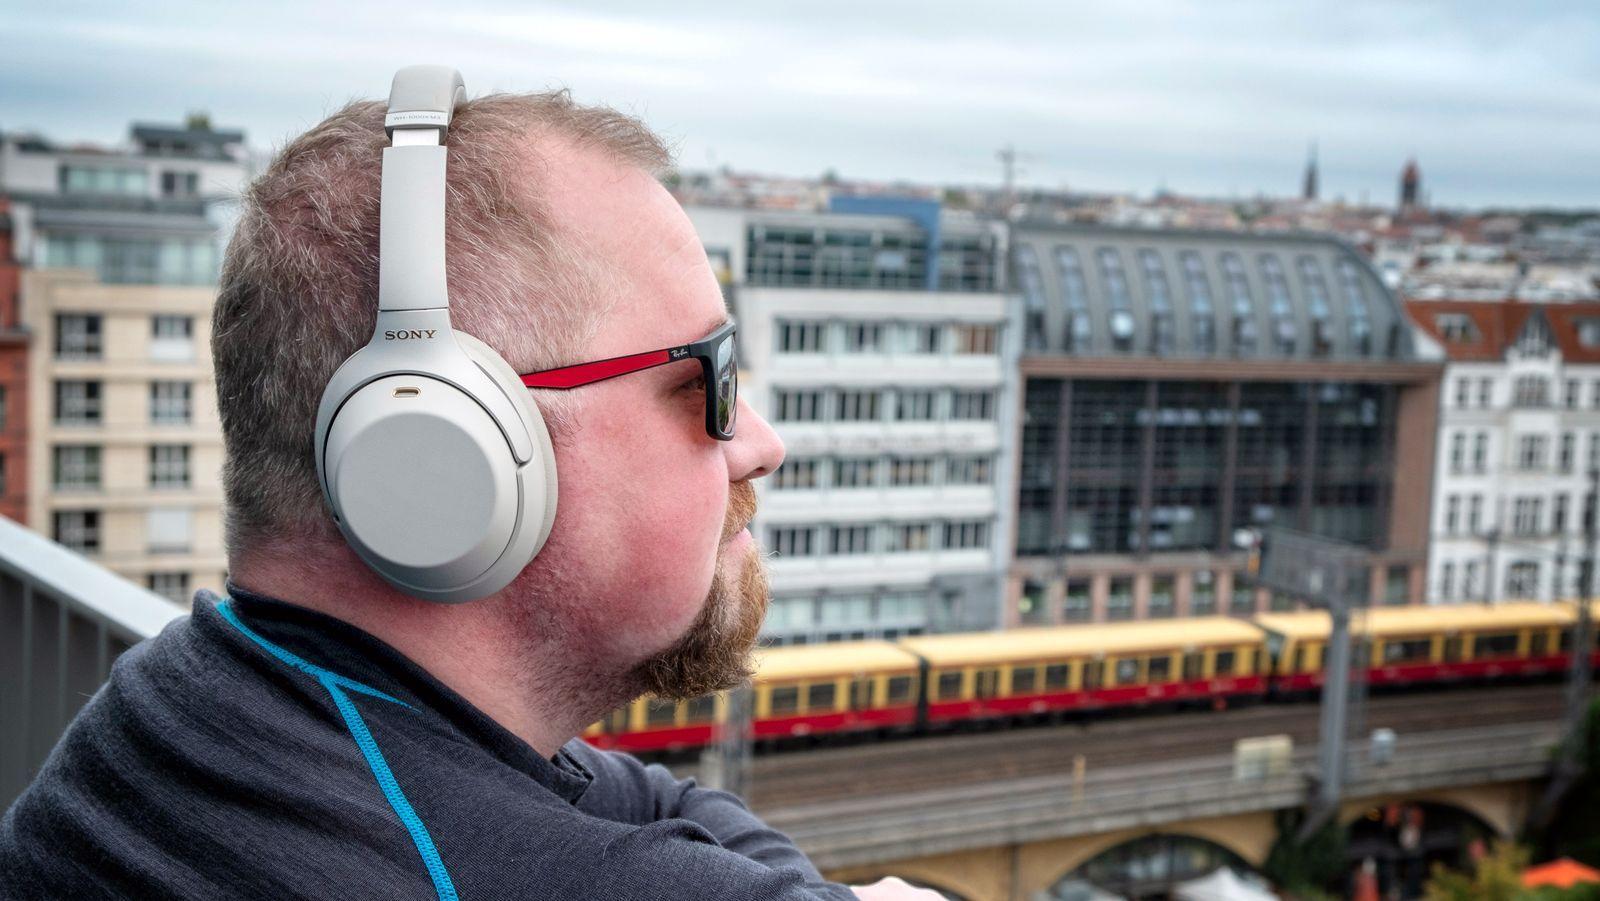 De kommende hodetelefonene virker å få samme design som dagens WH-1000XM3, som er avbildet.